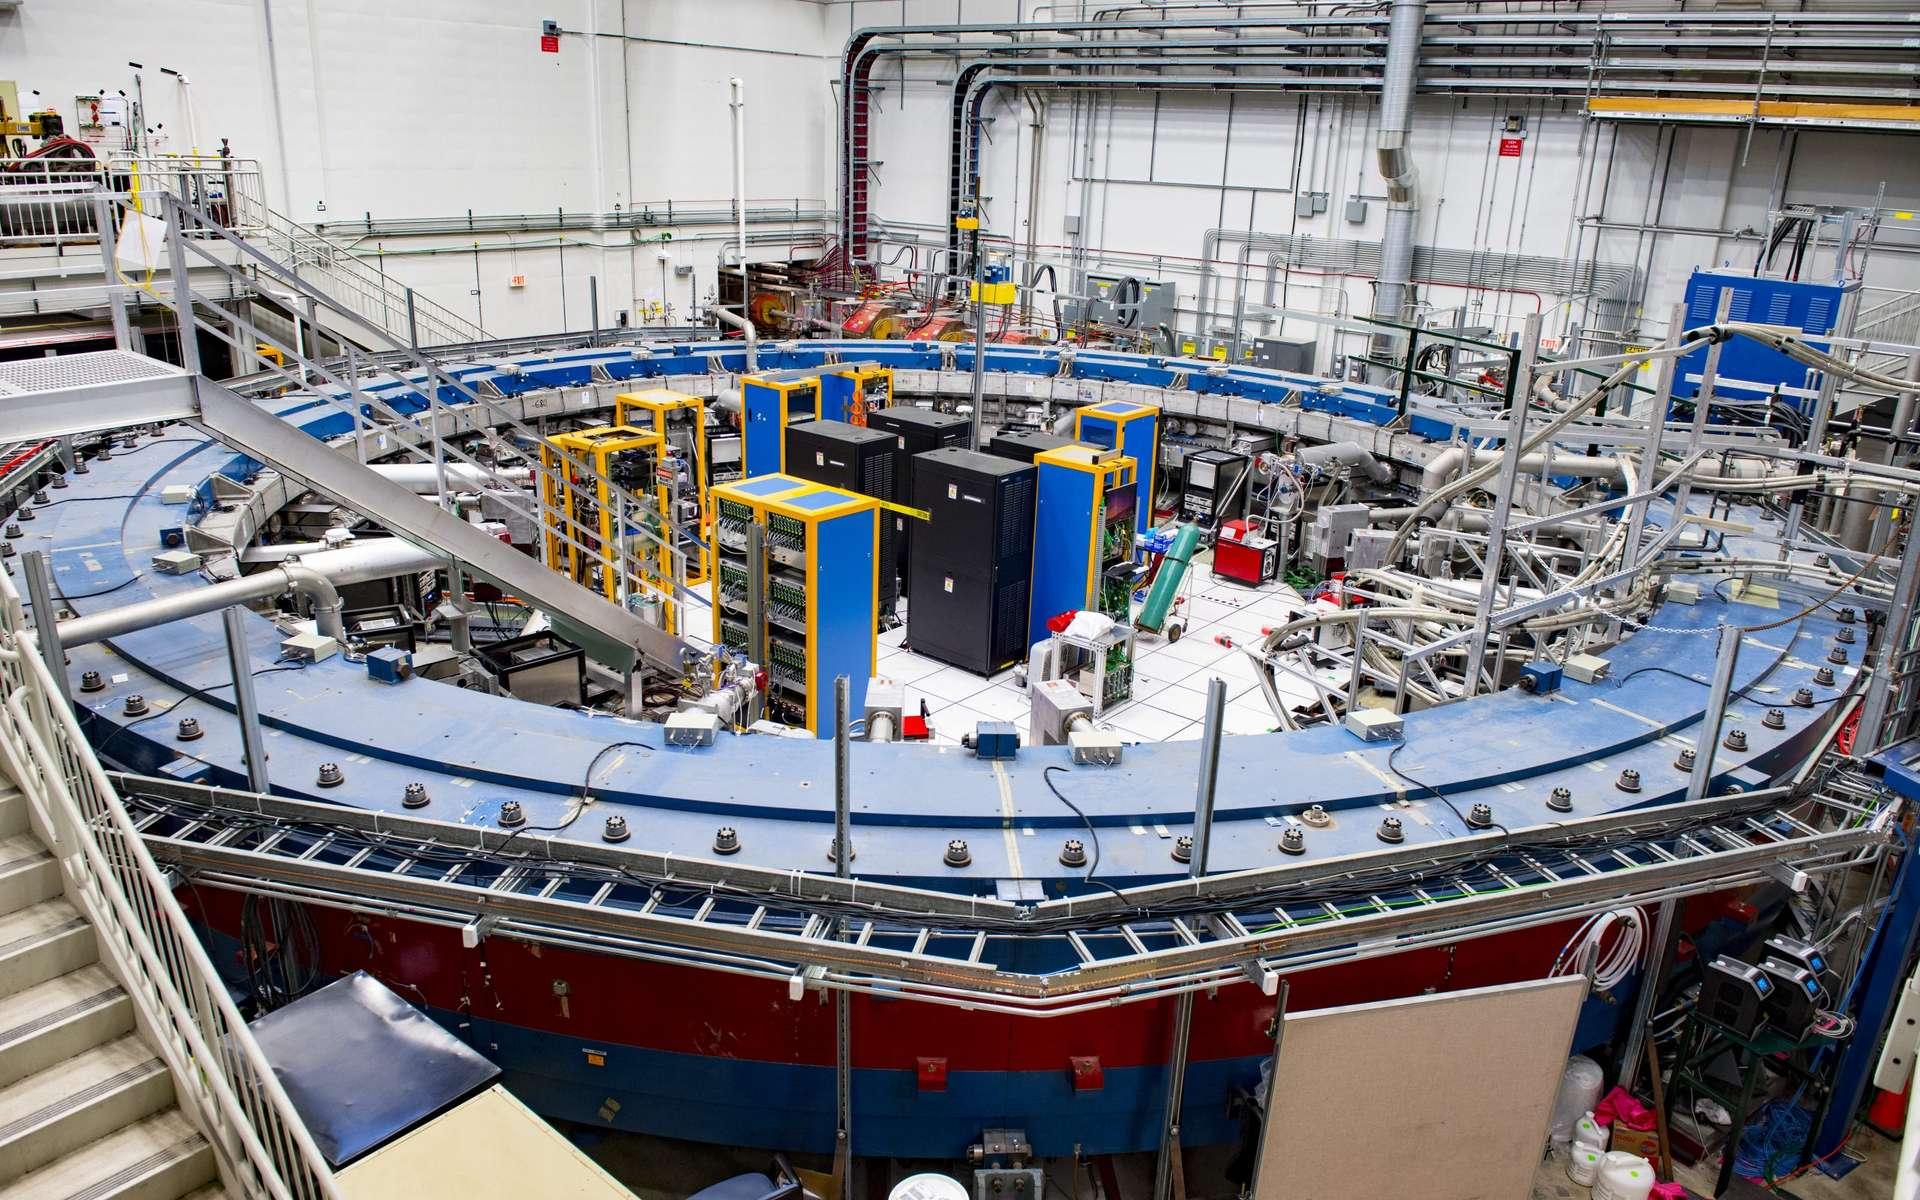 L'expérience Muon g-2 du Fermilab a officiellement commencé à prendre des données. On voit ici la pièce maîtresse de l'expérience, un anneau constituant un électro-aimant qui génère un champ magnétique uniforme pour que les scientifiques puissent effectuer des mesures très précises du moment magnétique du muon. © Reidar Hahn